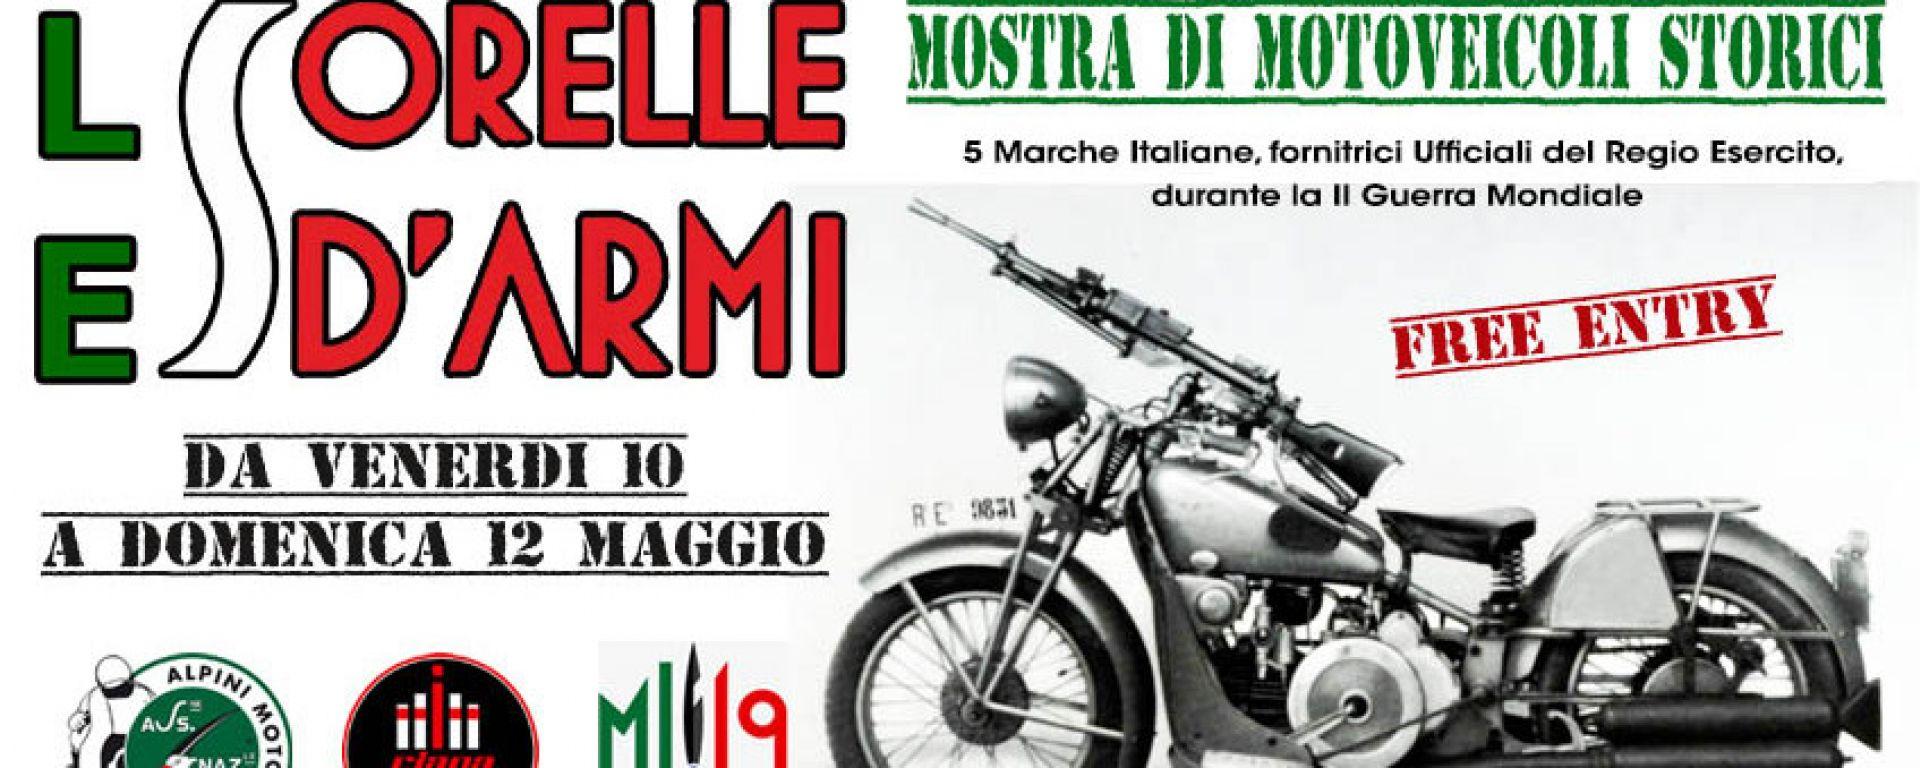 Ciapa la Moto: le moto dell'Esercito in mostra dal 10 maggio